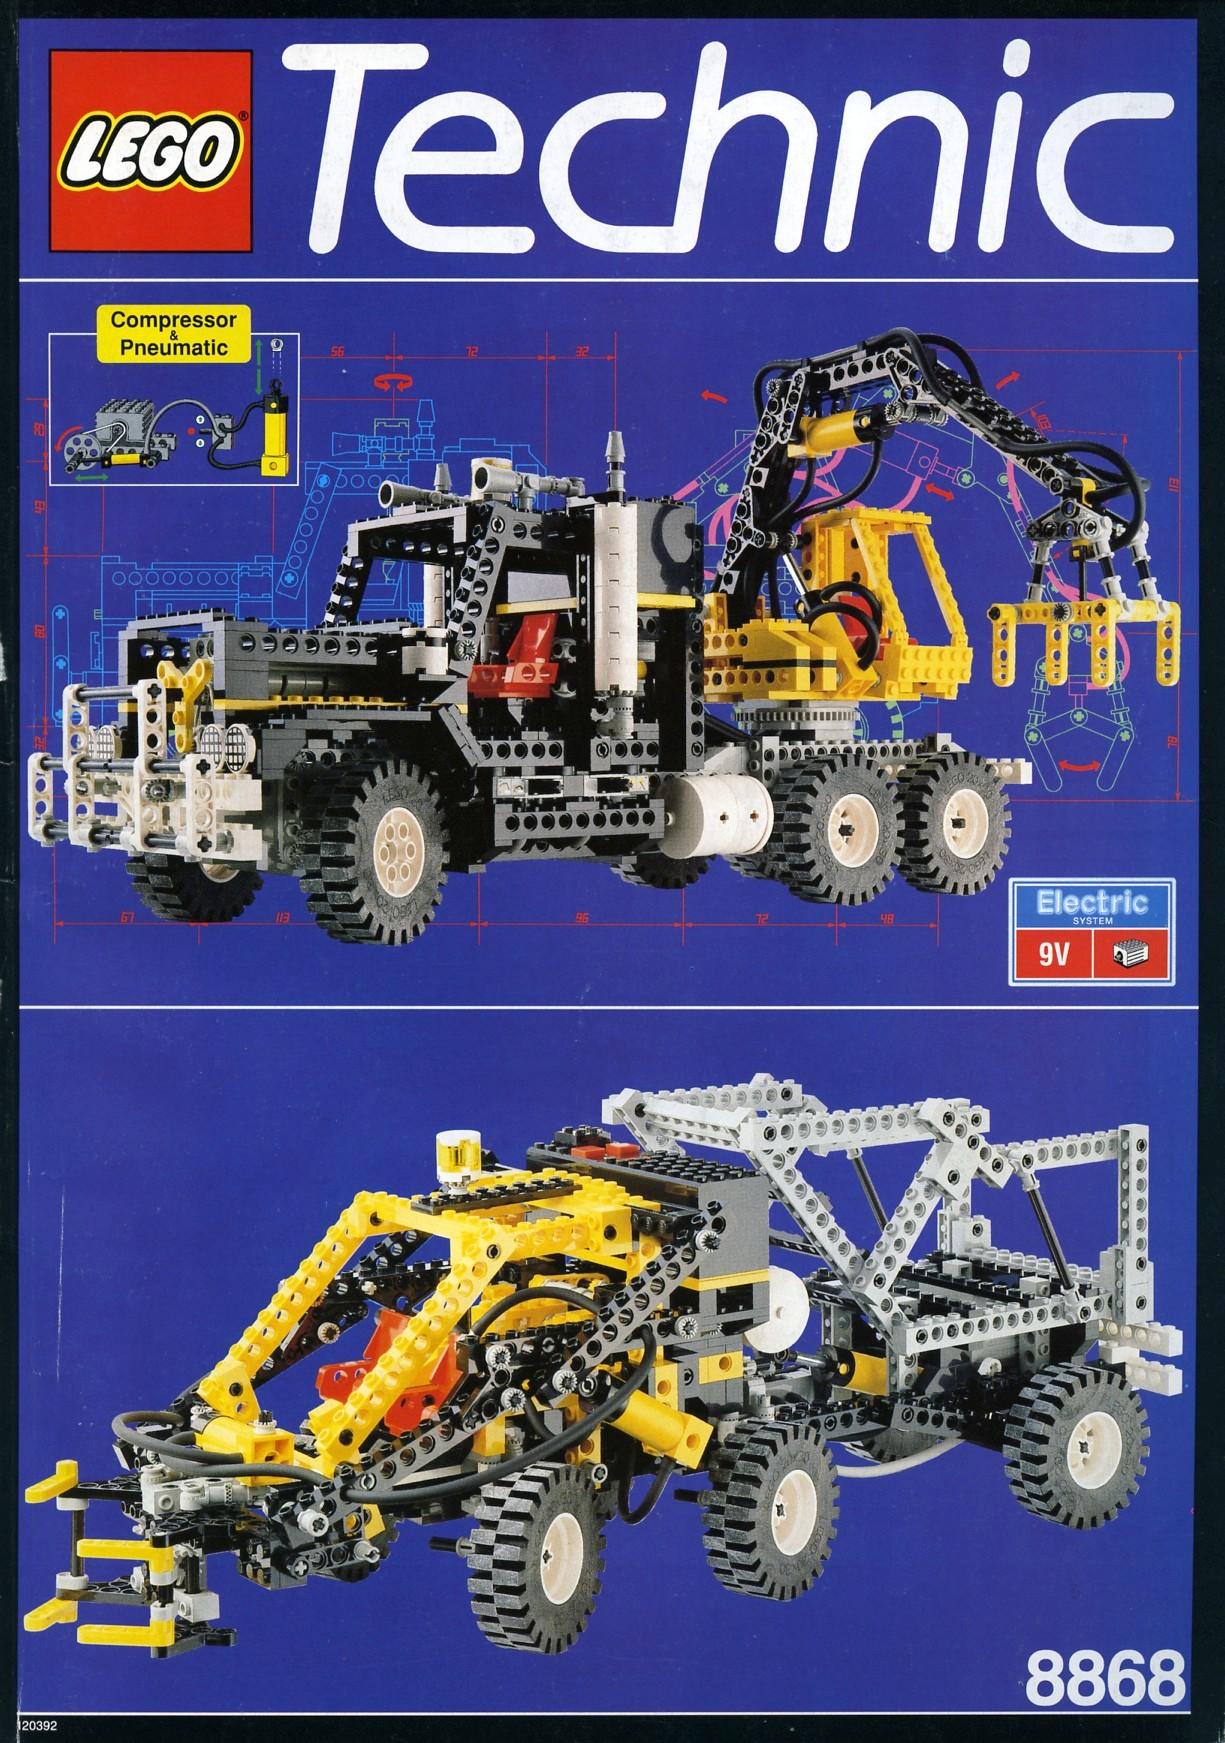 technic 1992 brickset lego set guide and database. Black Bedroom Furniture Sets. Home Design Ideas